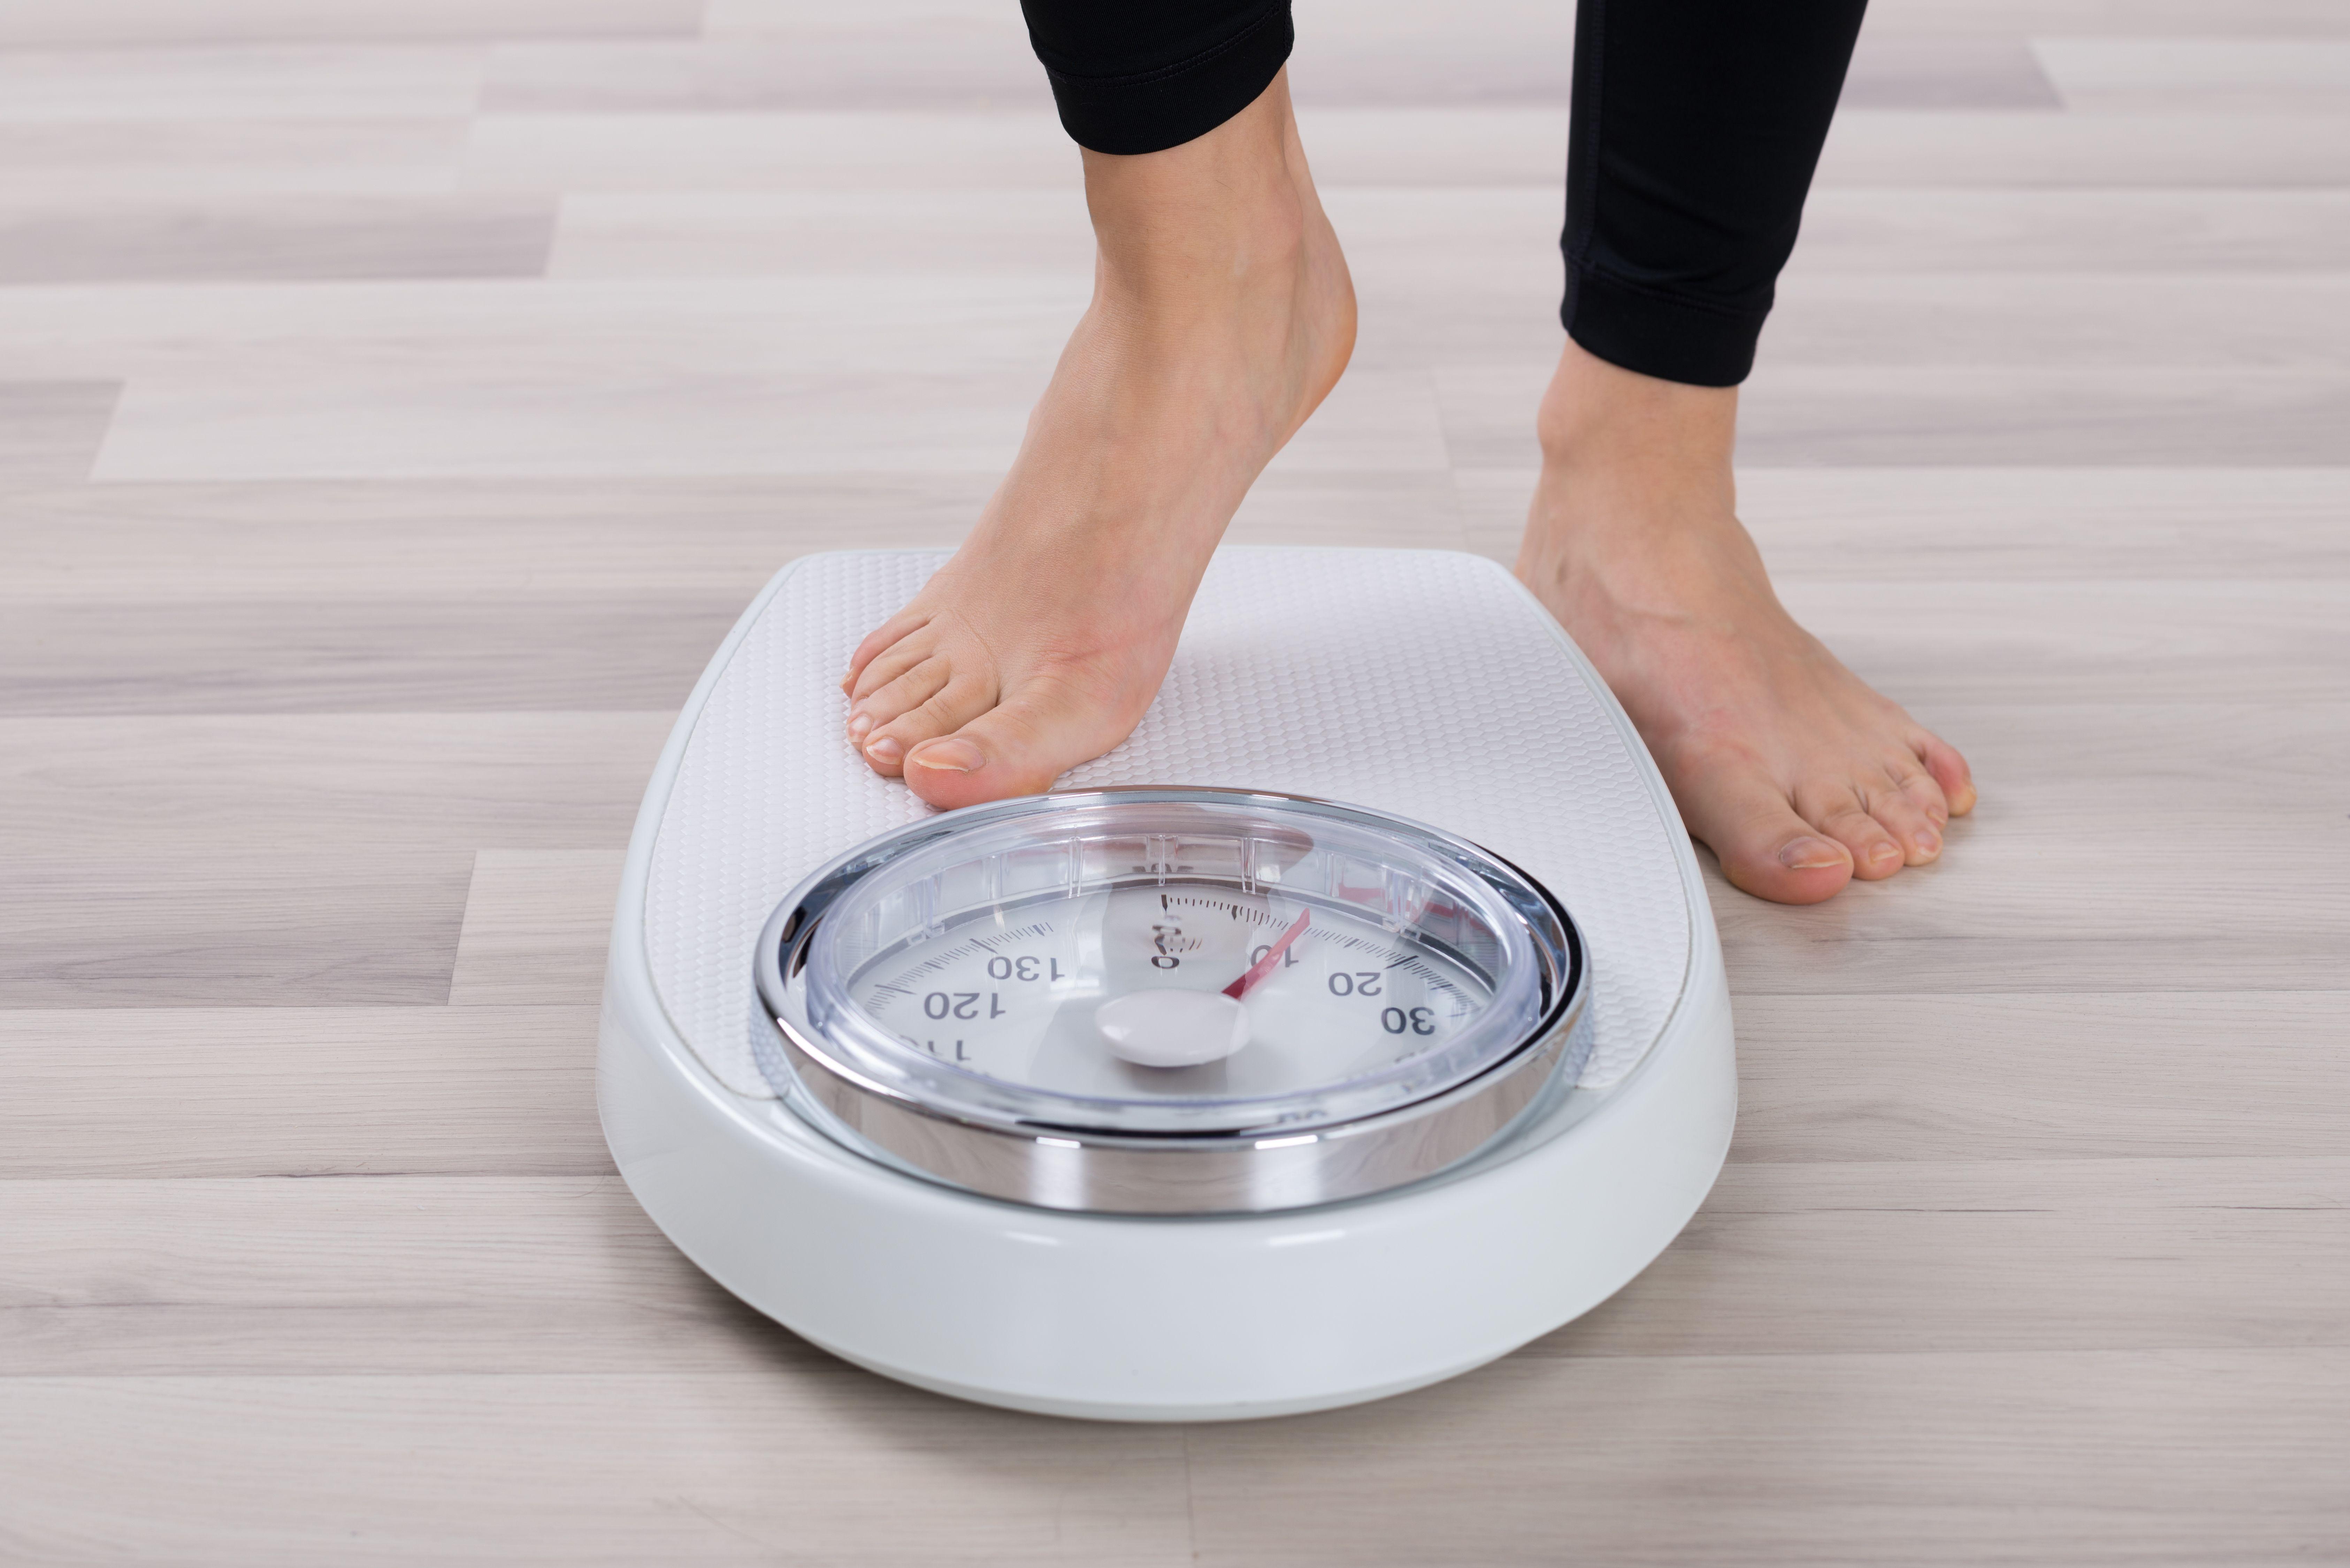 Cómo difundir la palabra sobre su Dieta cetogénica